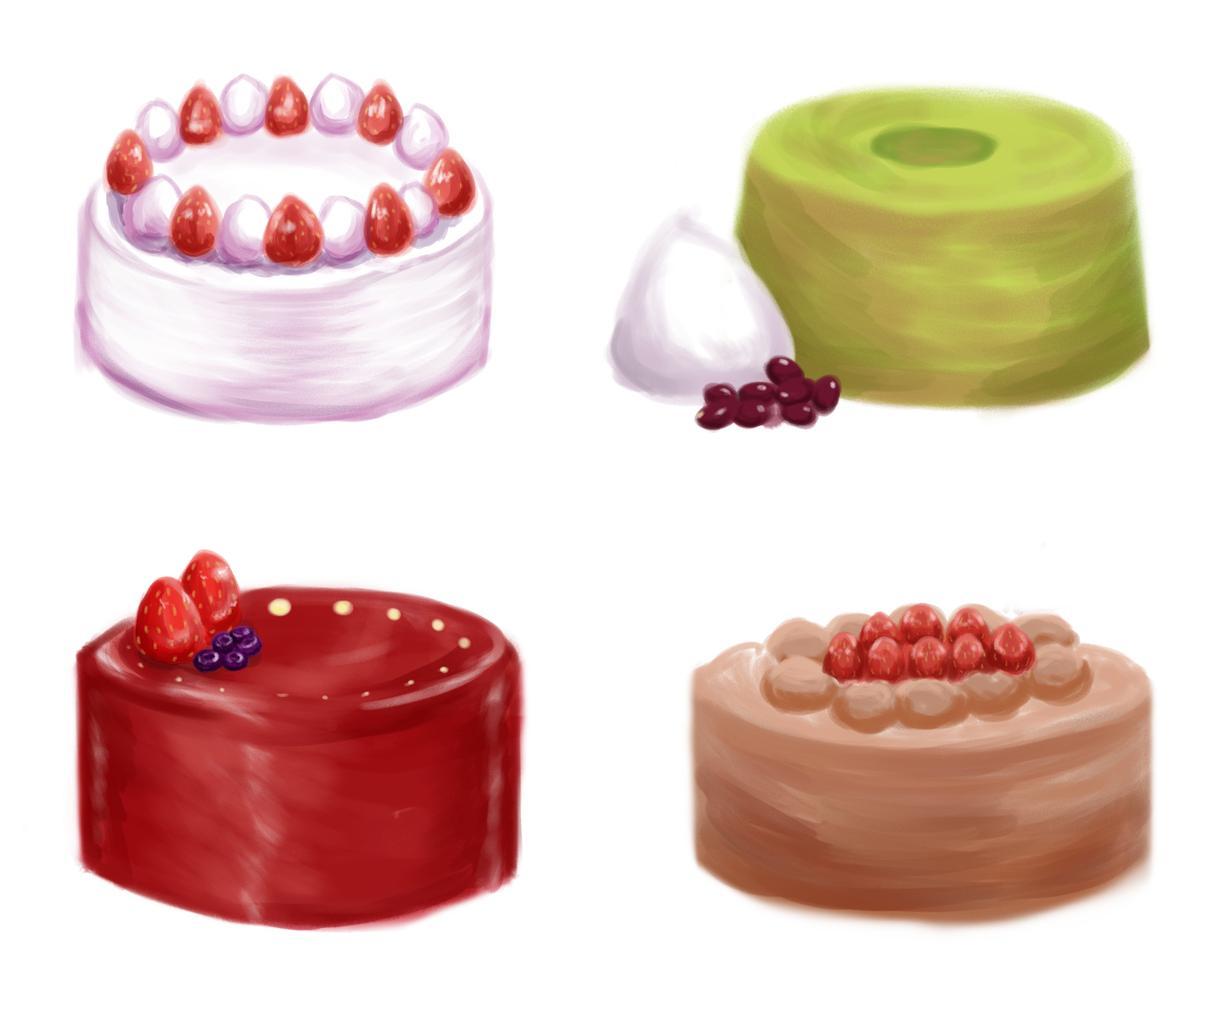 お菓子イラストを描きます ケーキやクッキー、可愛いお菓子を描かせて頂きます。 イメージ1